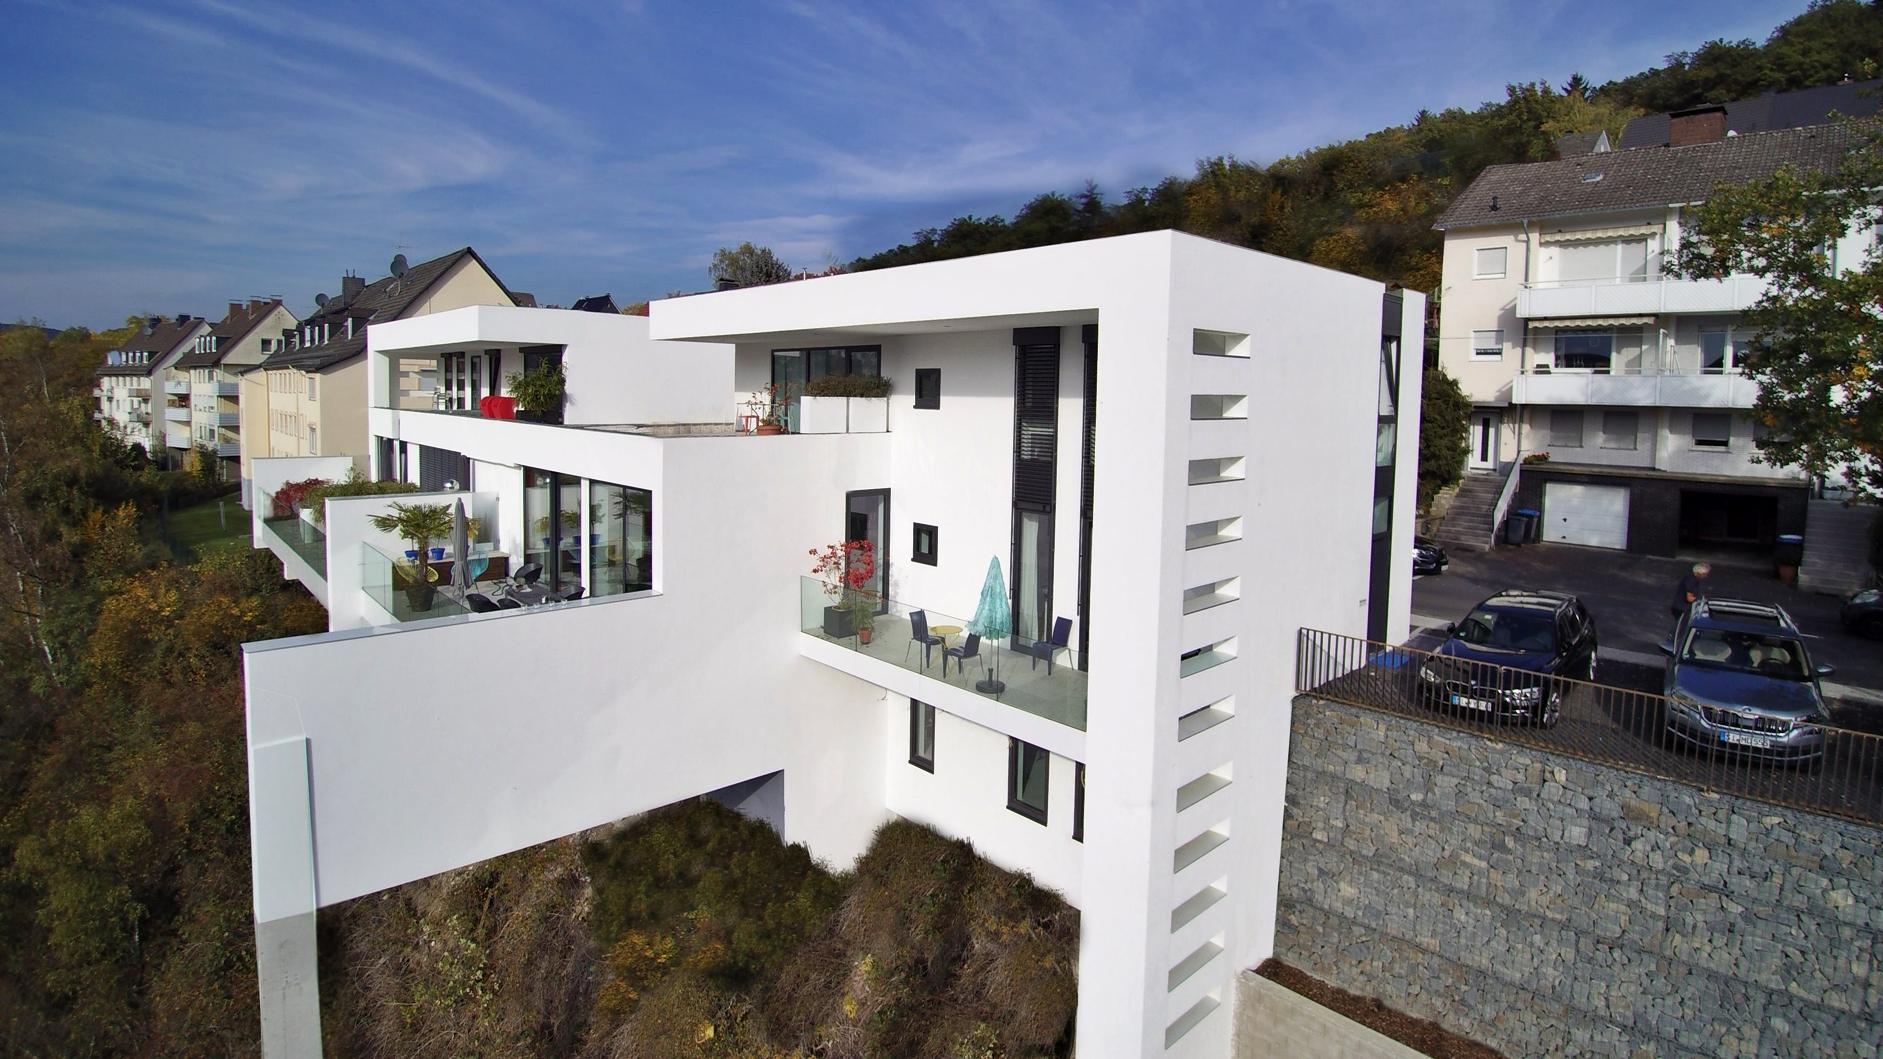 Flick Treuconsult – Exklusives Doppelhaus3